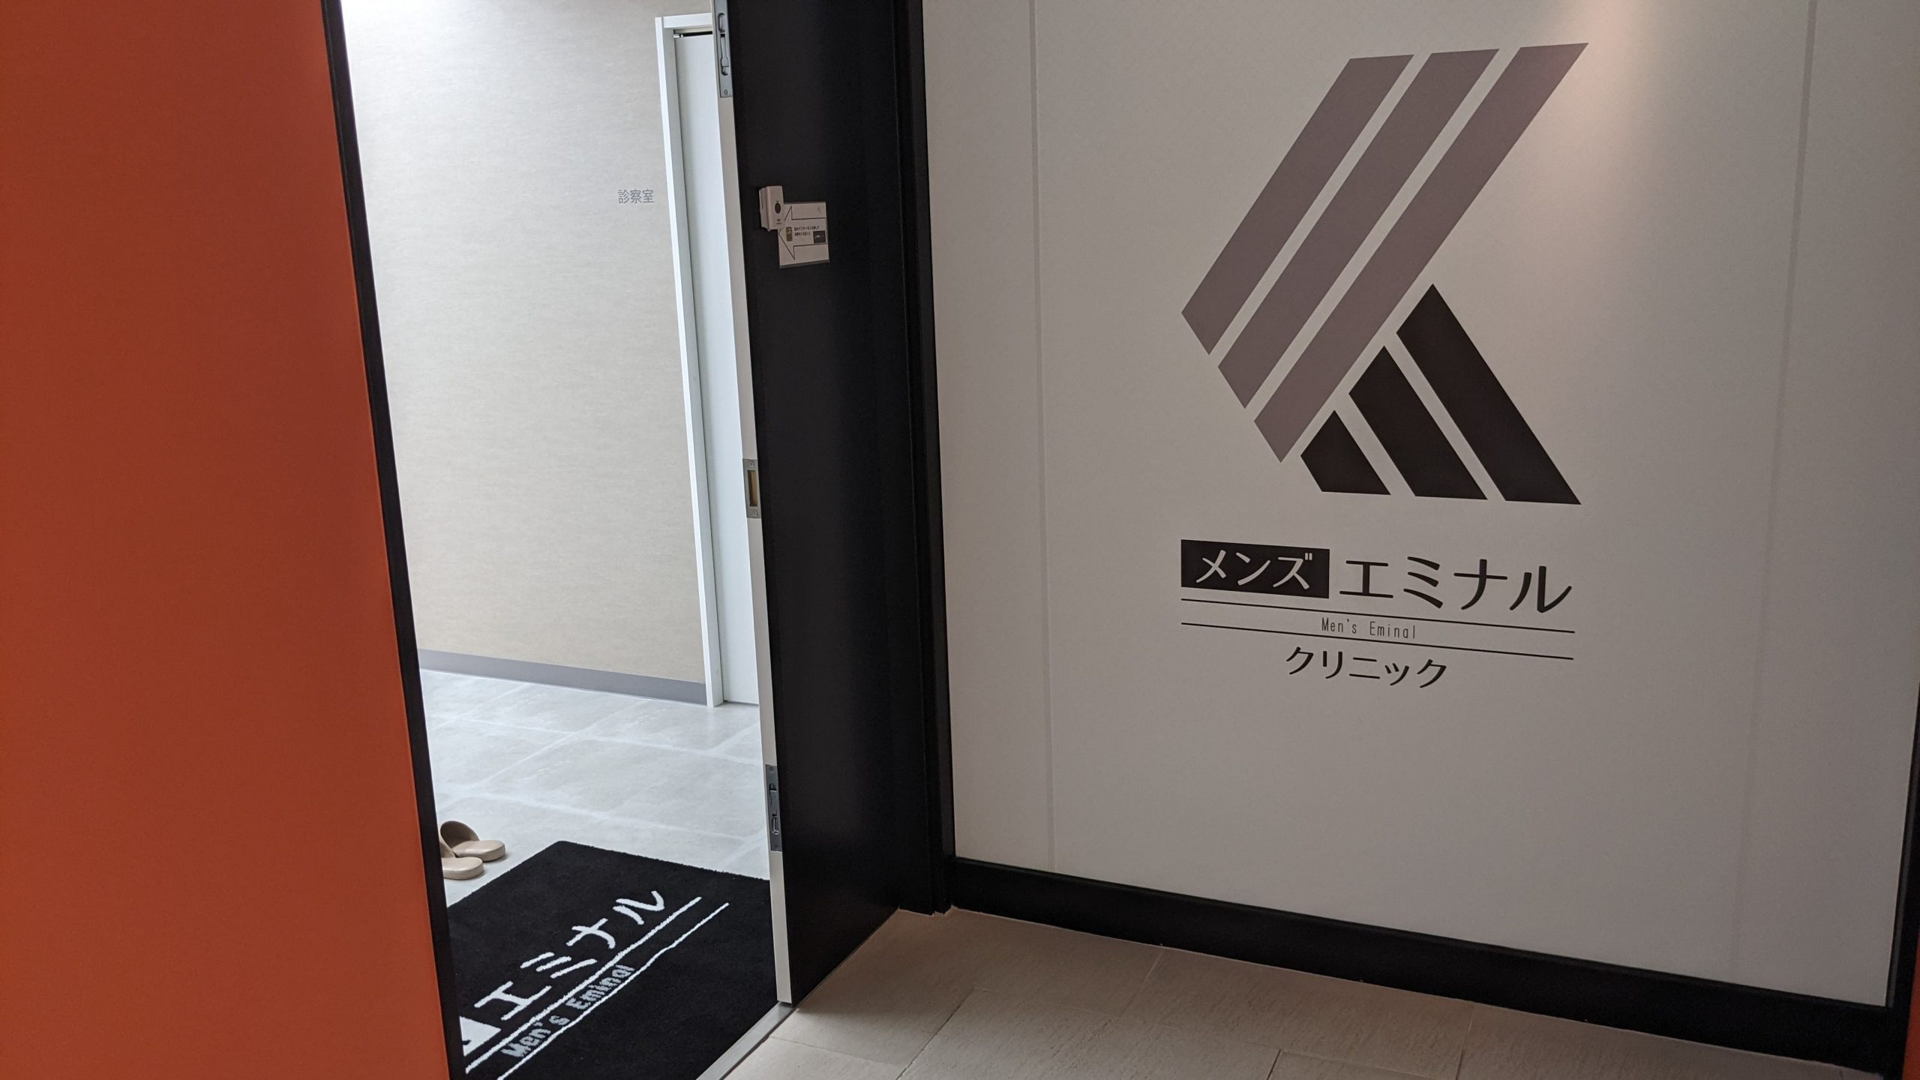 メンズエミナルクリニック福岡天神院の入り口・スリッパ